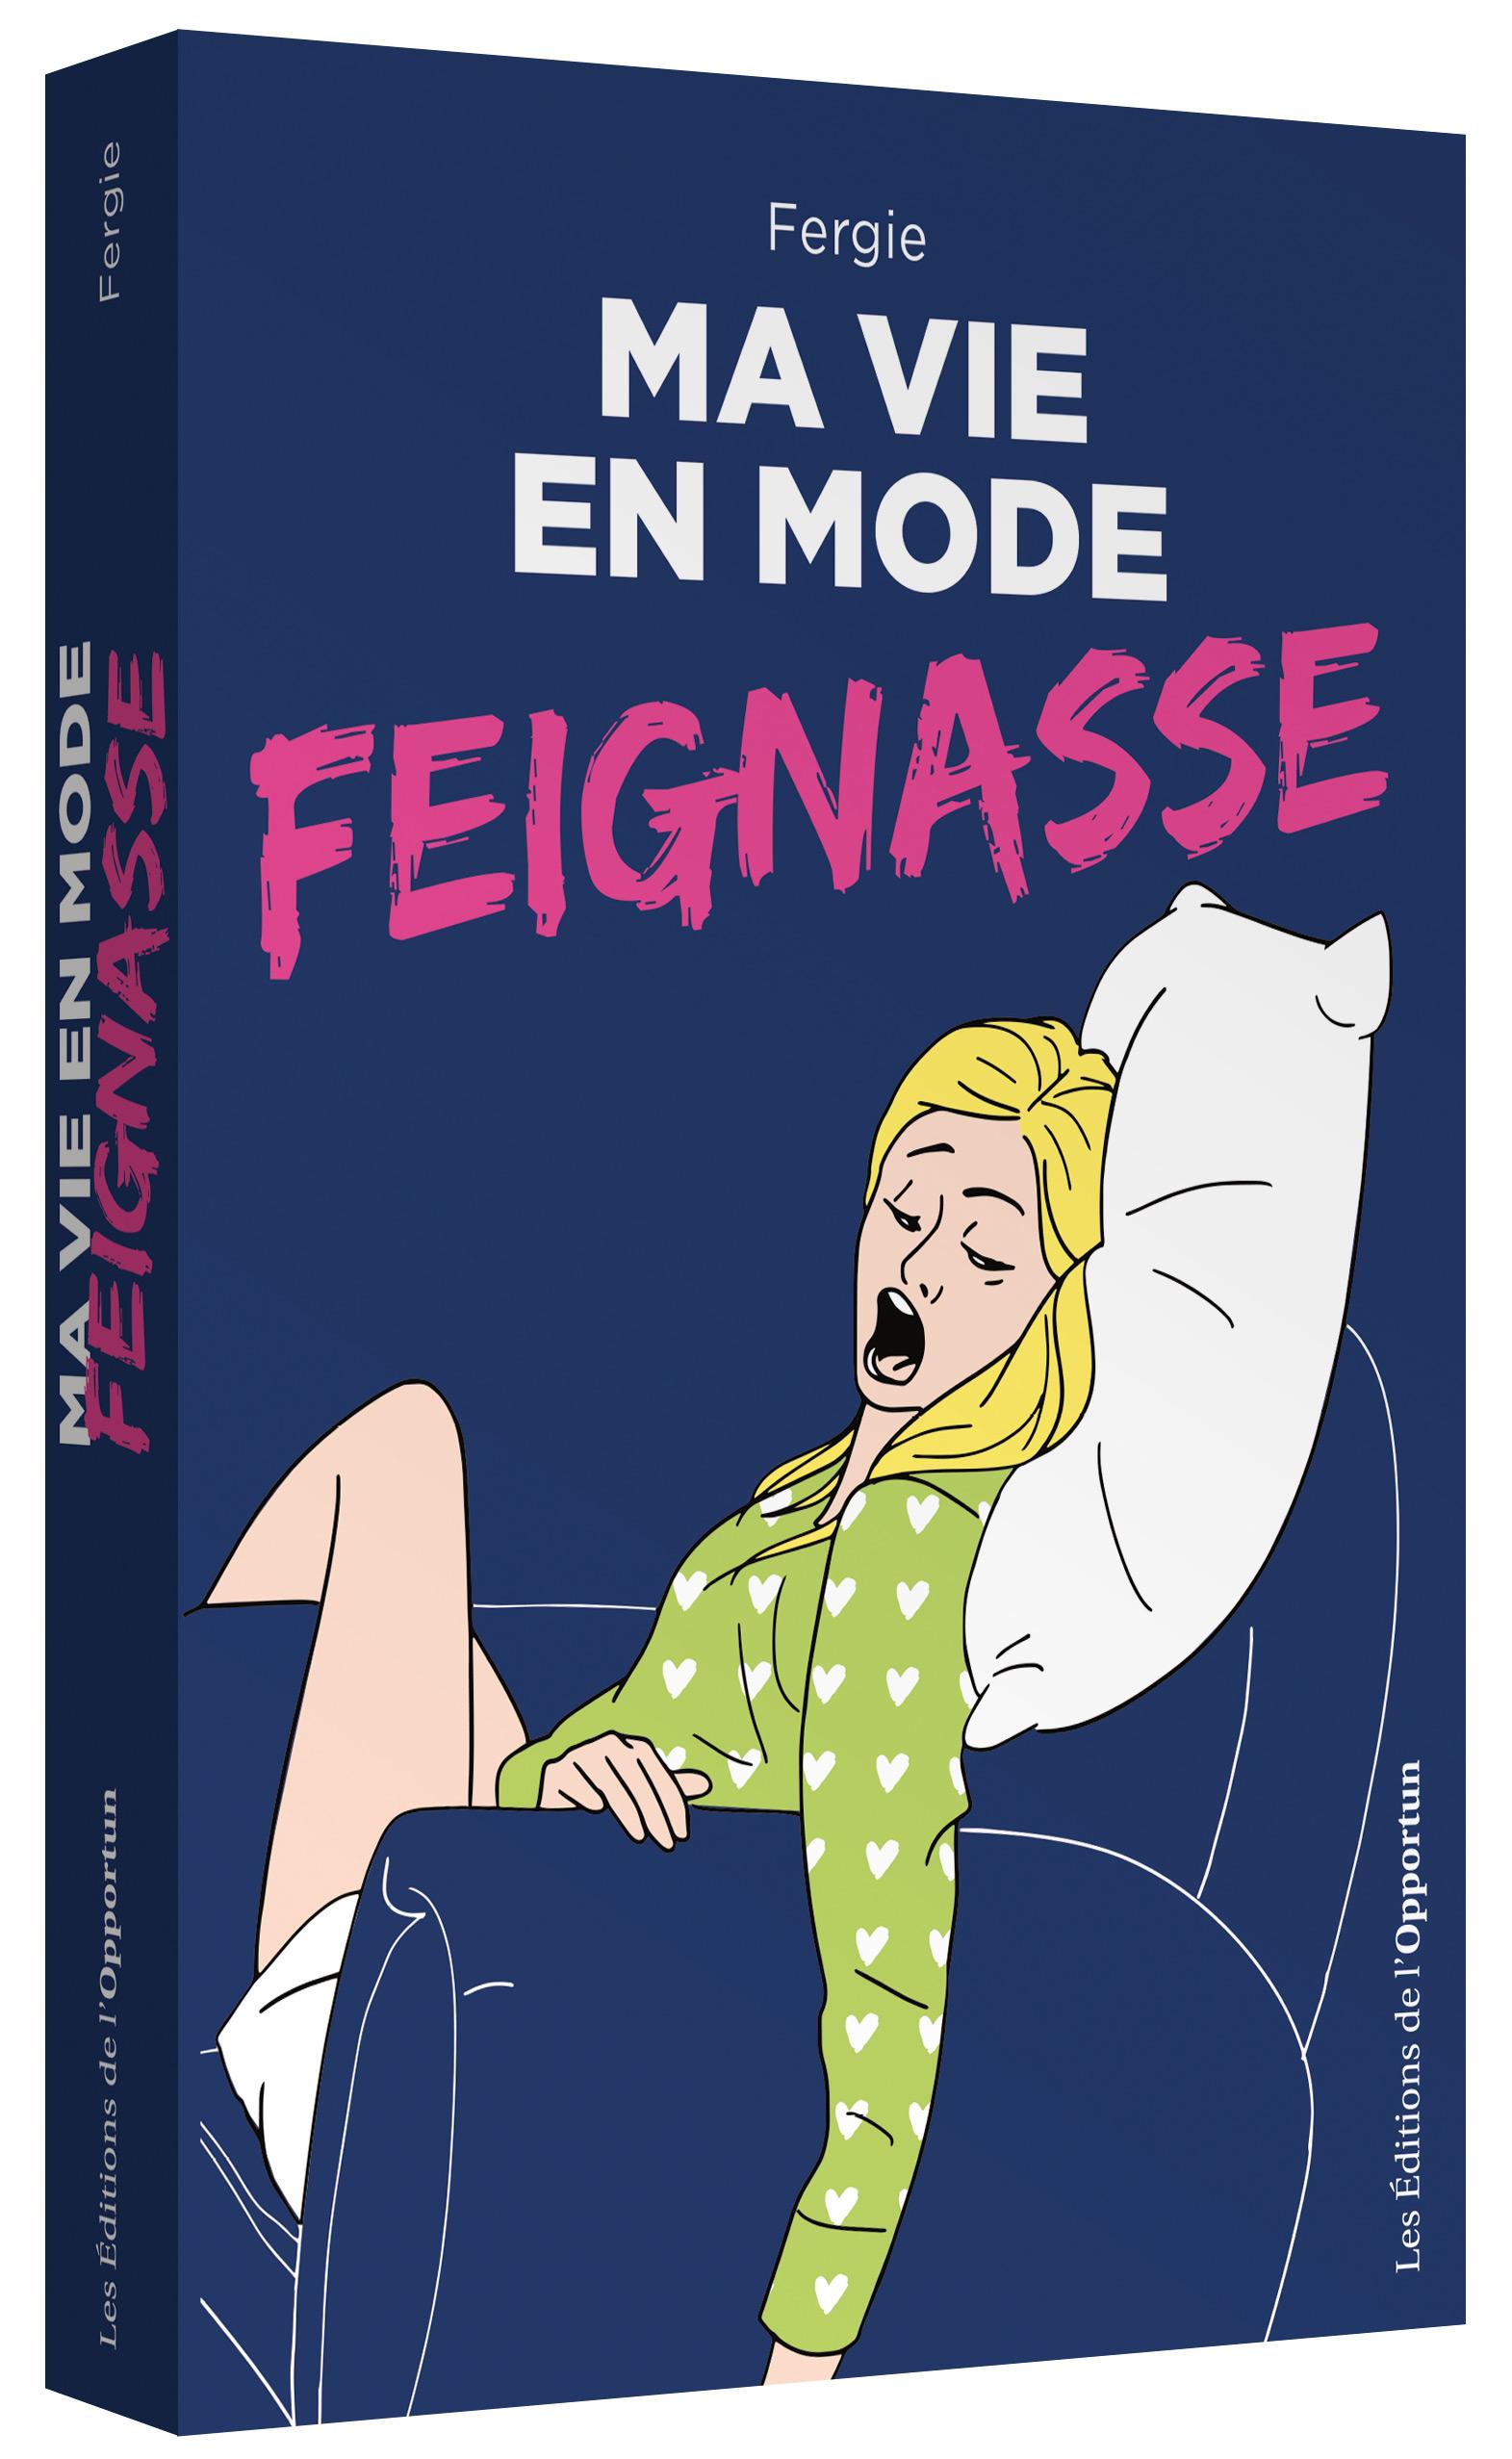 Ma vie en mode feignasse Fergie & Stéphane Garnier